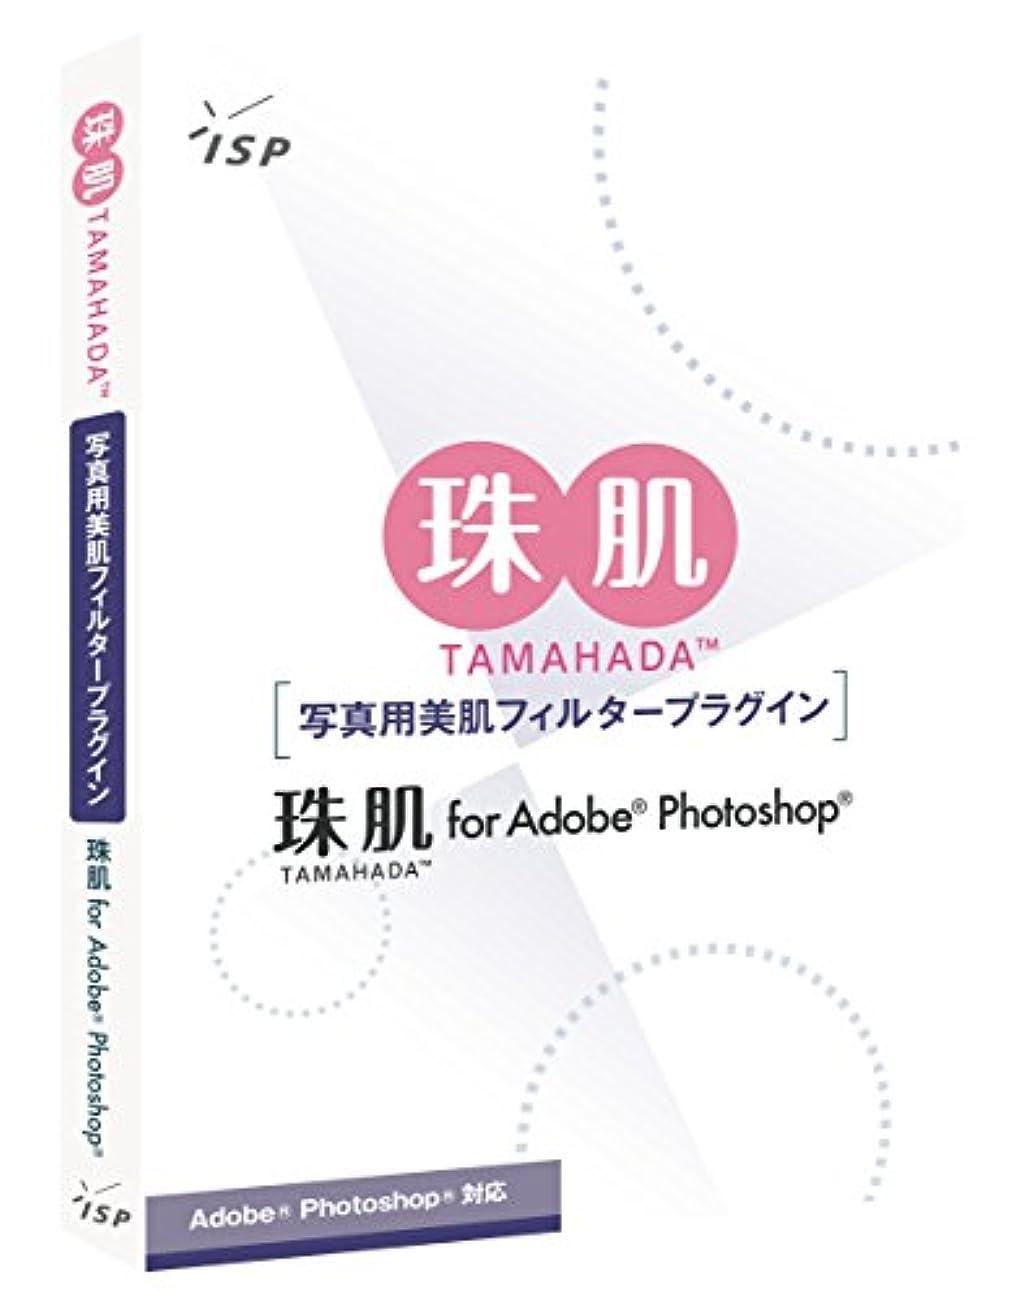 傷つける列挙する放棄する珠肌 for Adobe Photoshop